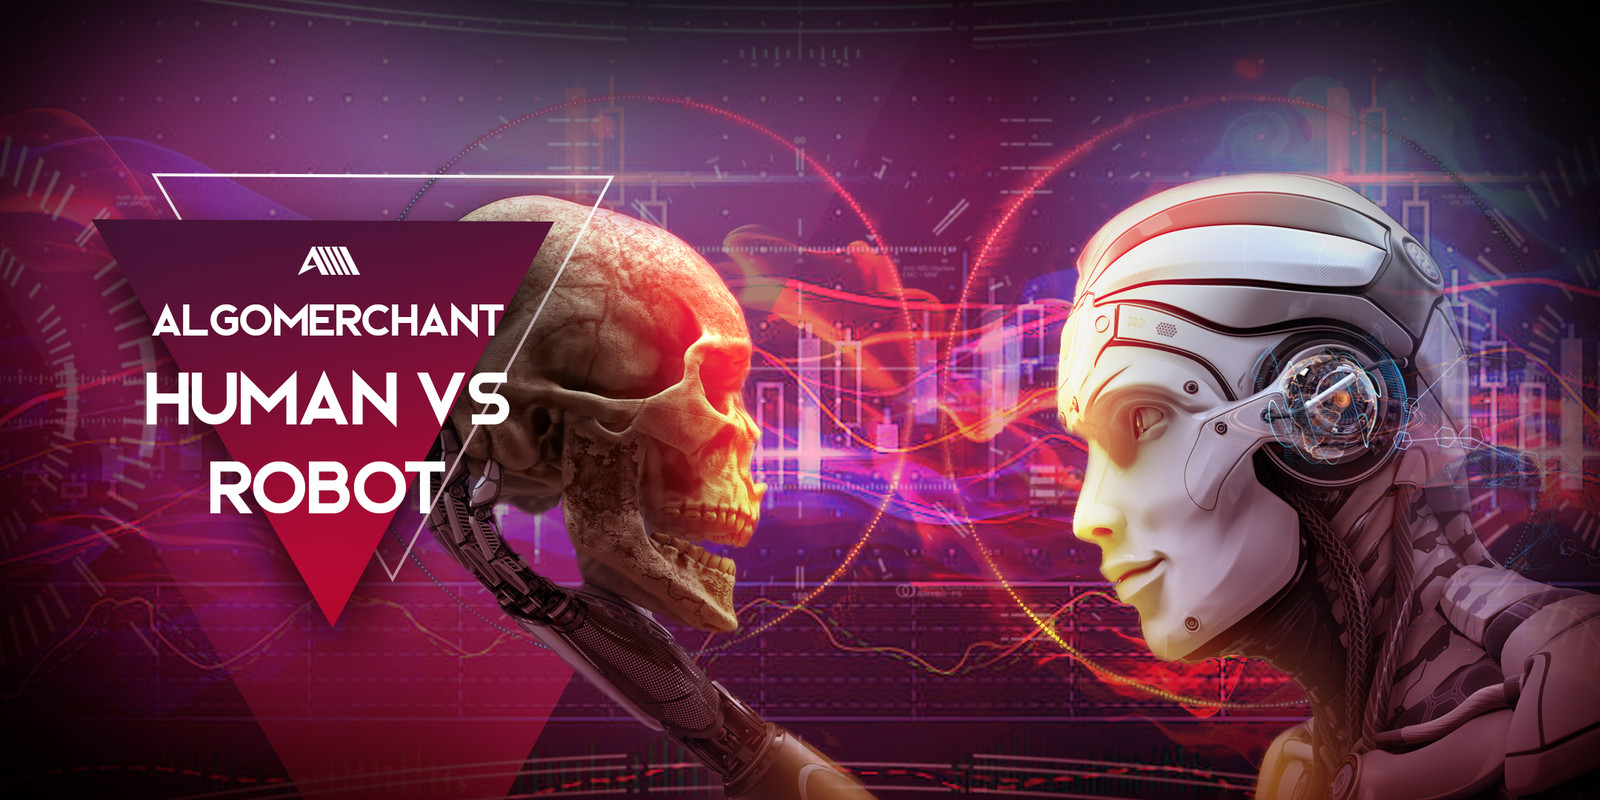 Robot Vs Human